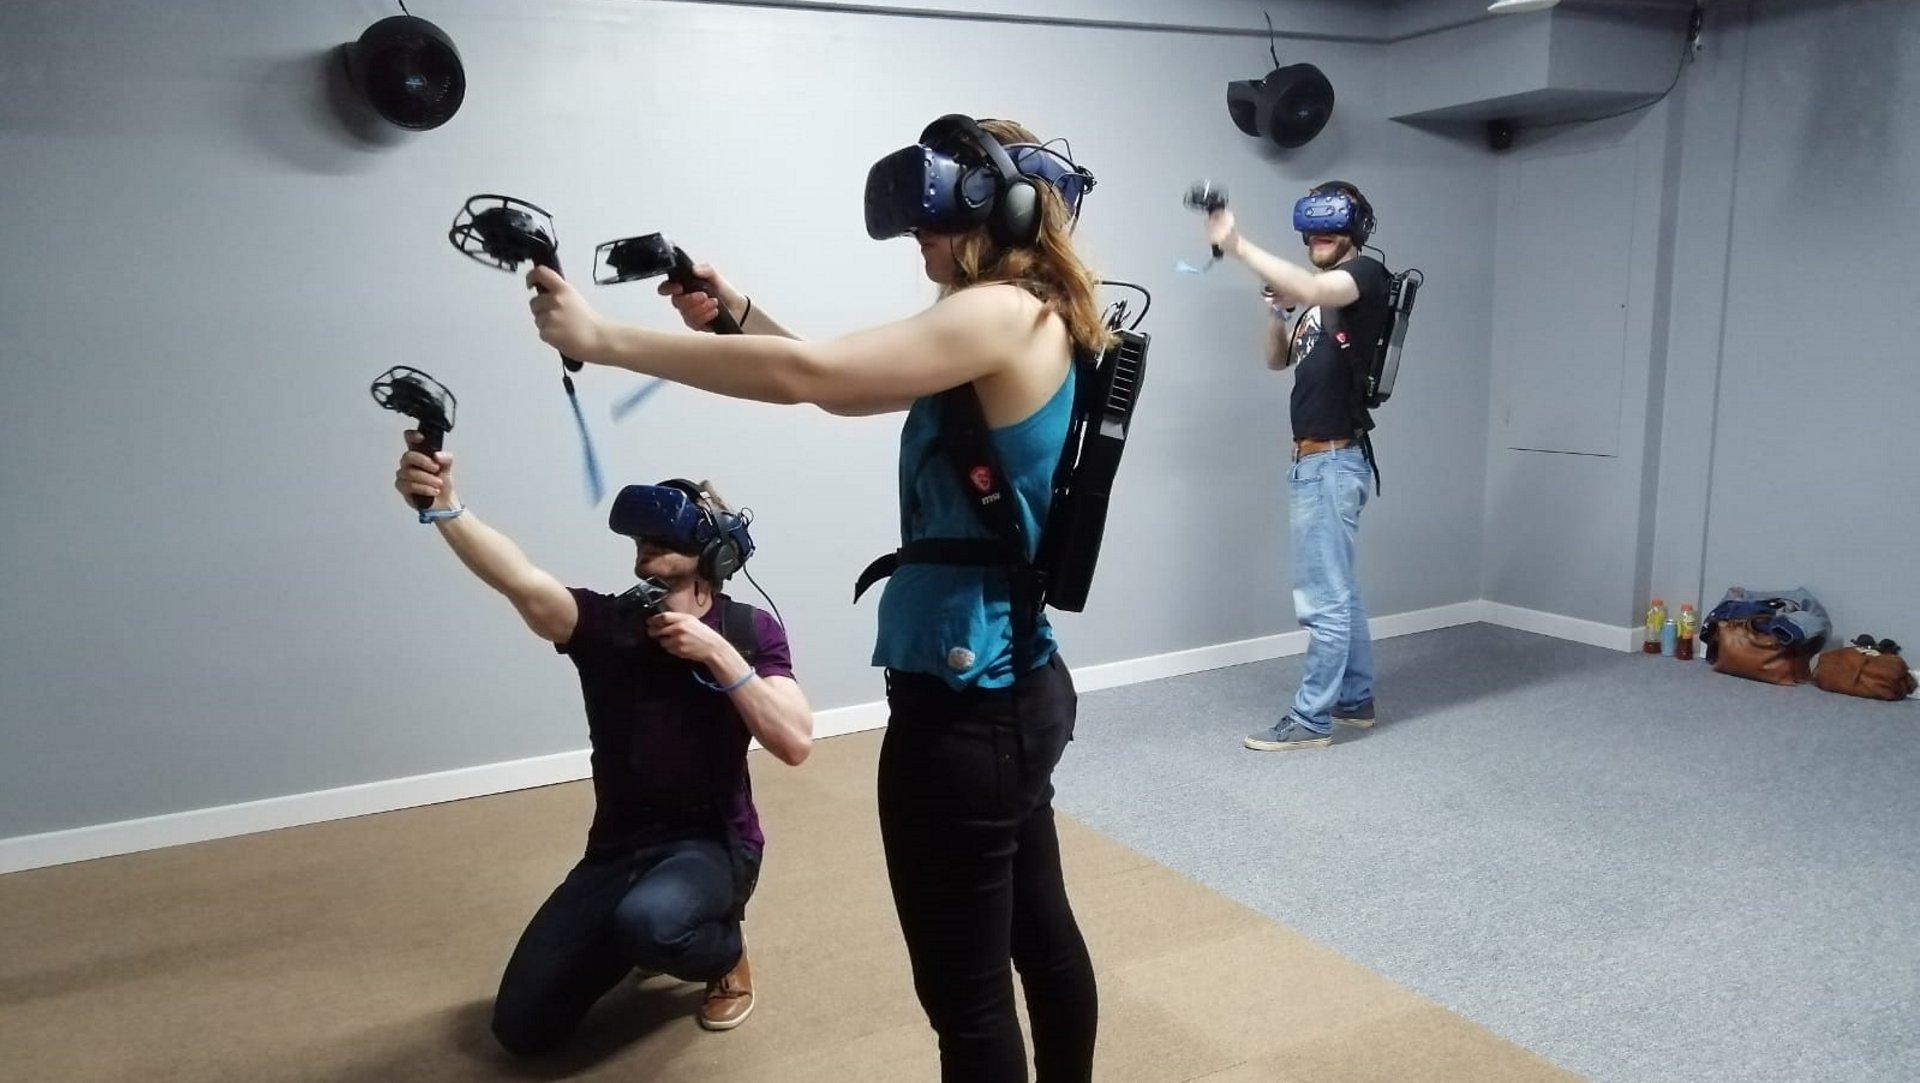 VR Escape Room London